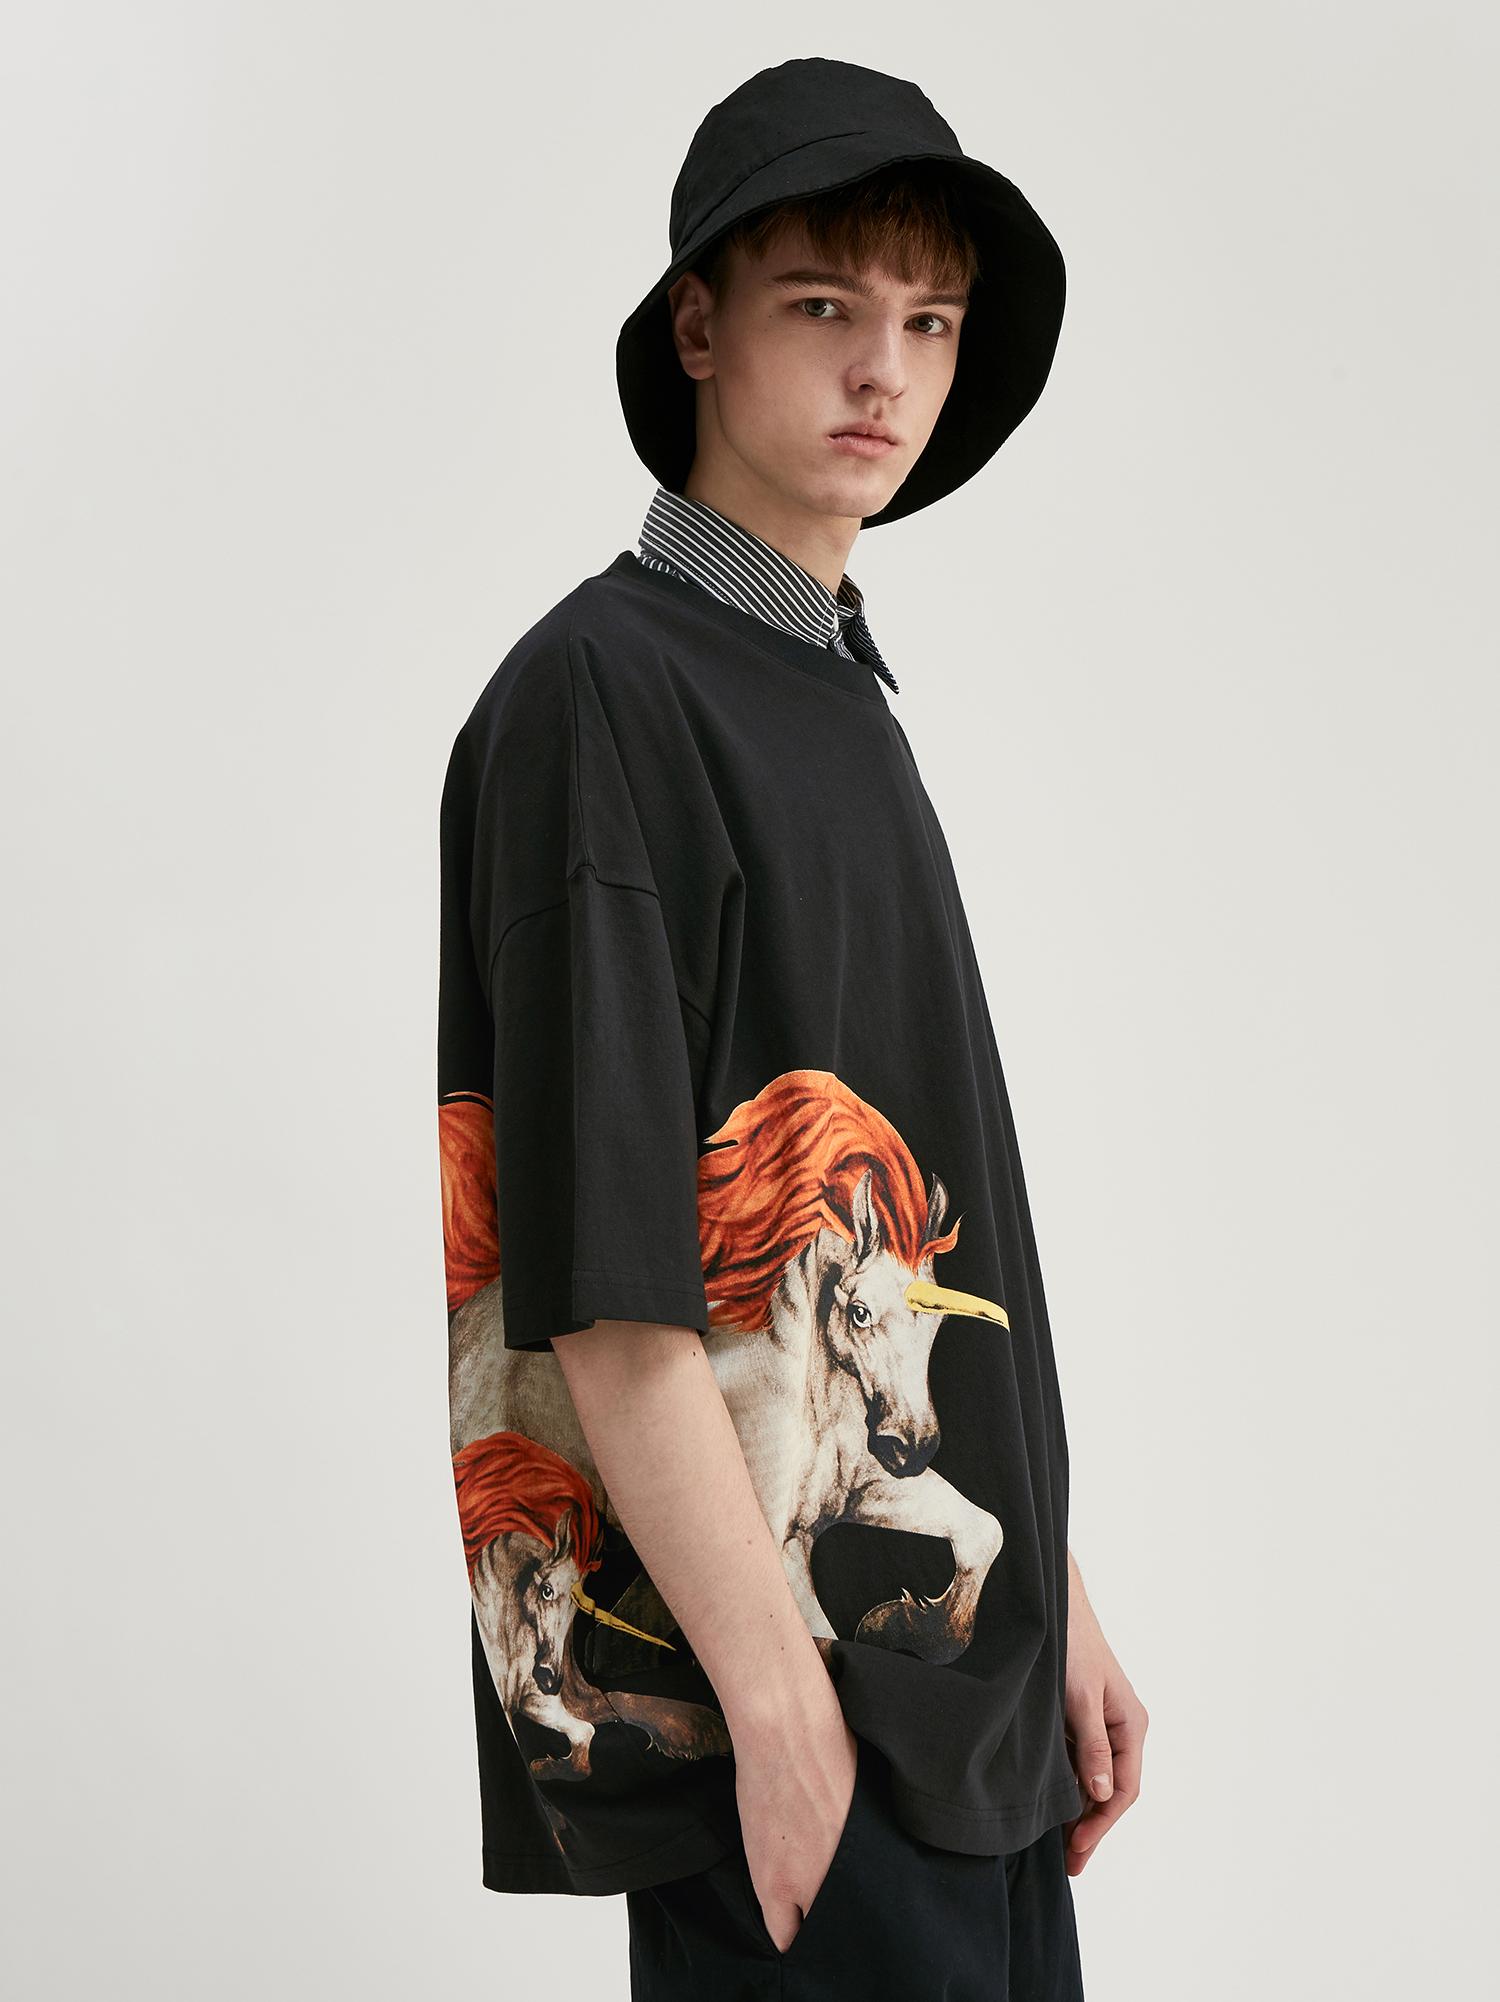 【BOE】ユニコーンがインパクトのあるTシャツ